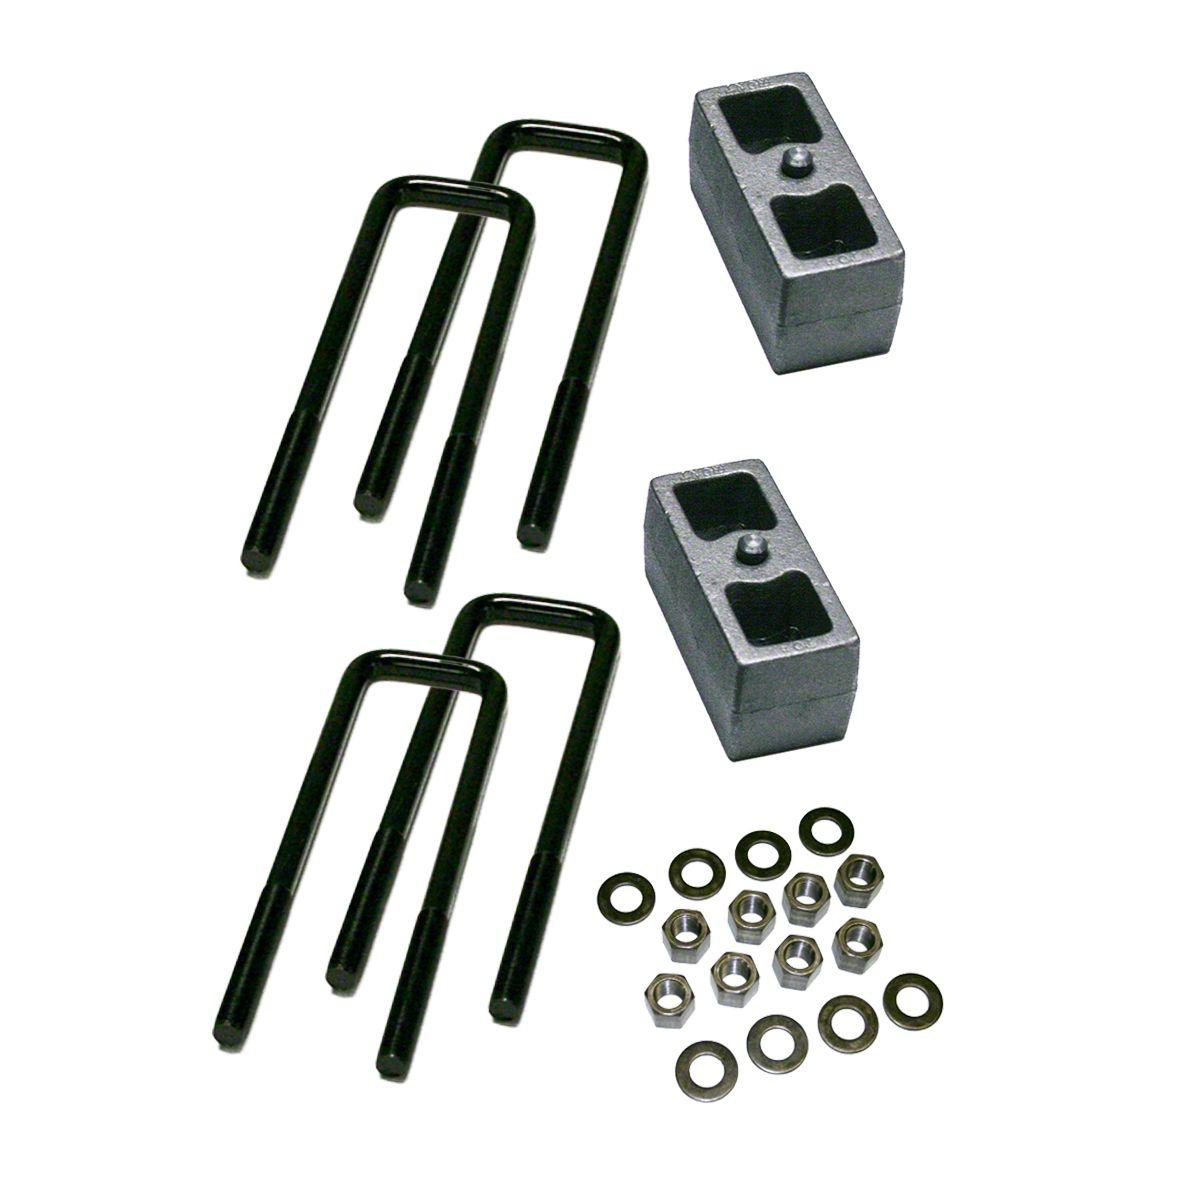 SuperLift 3 in. Rear Lift Block Kit (07-10 4WD Sierra 1500)